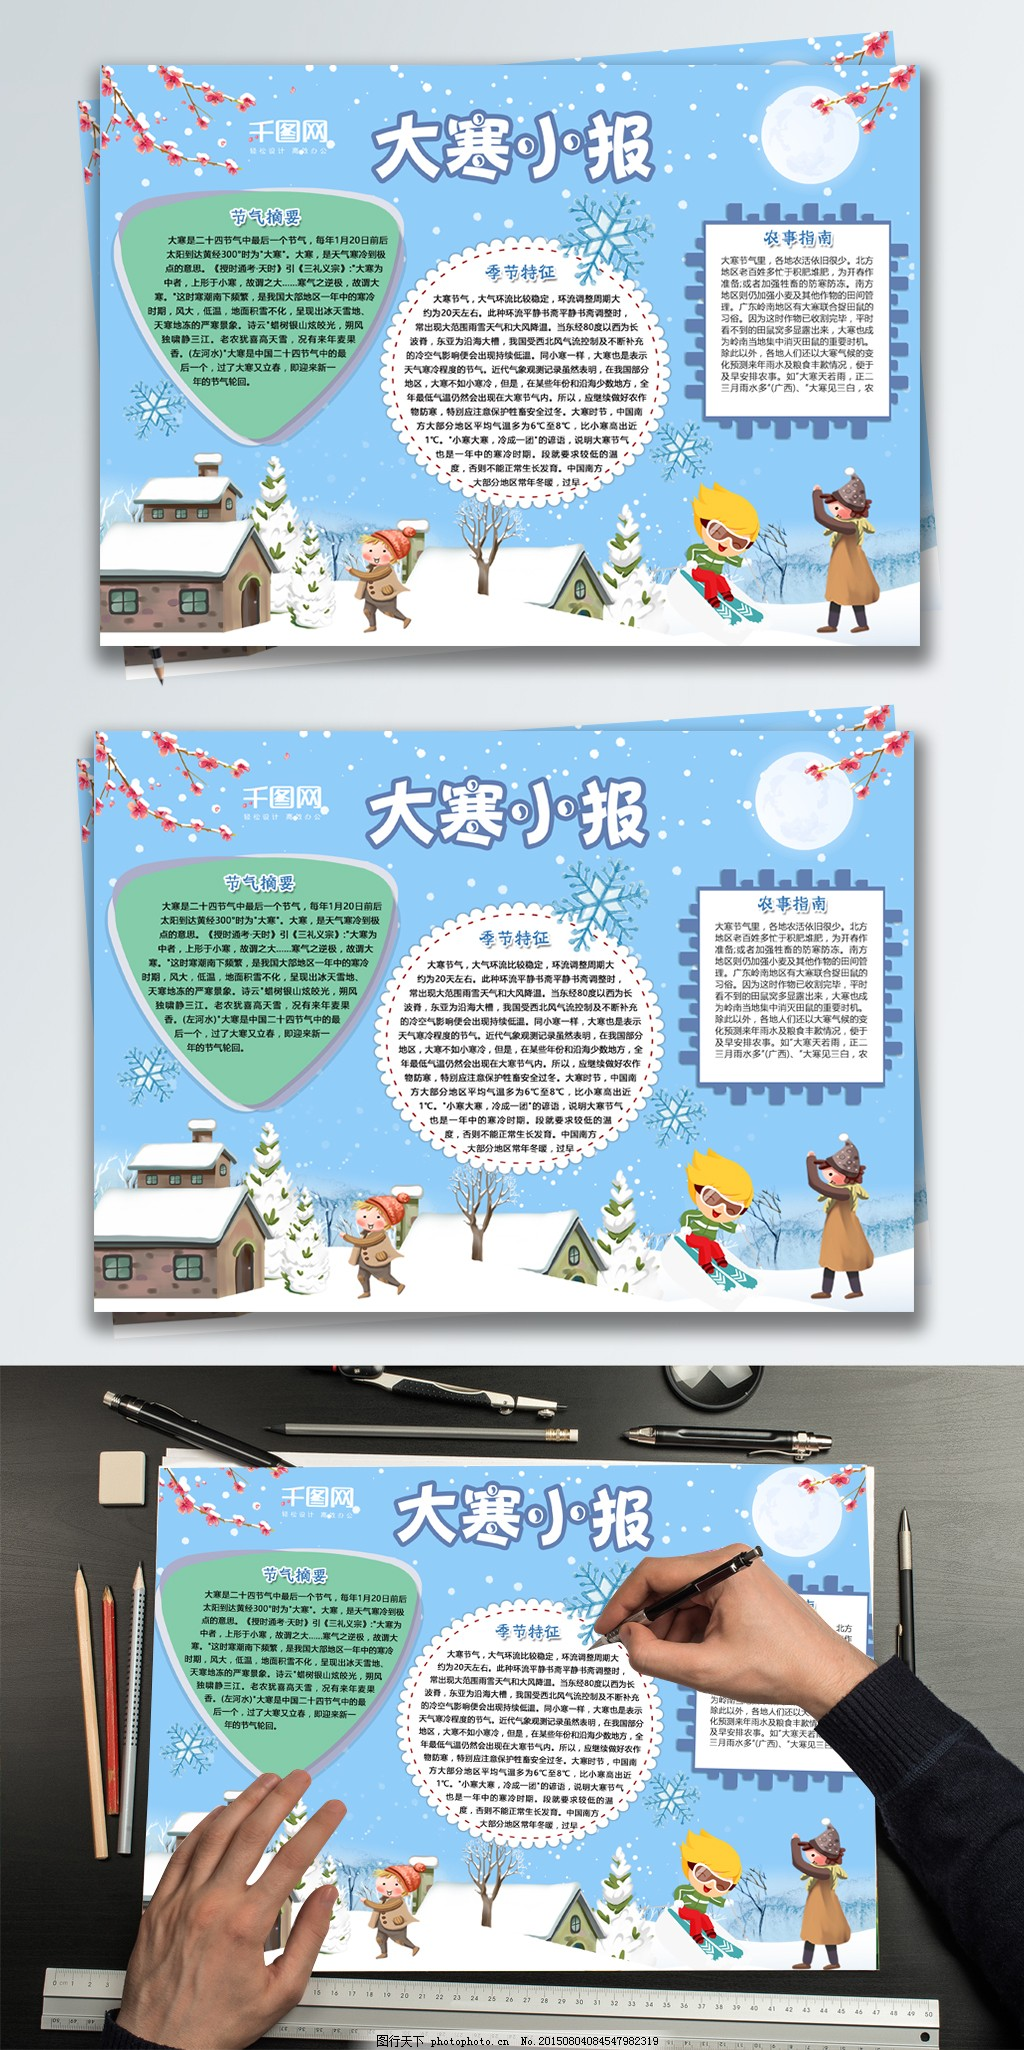 蓝色清新卡通大寒节气小报 冬季 冬天 手抄报 下雪 学校